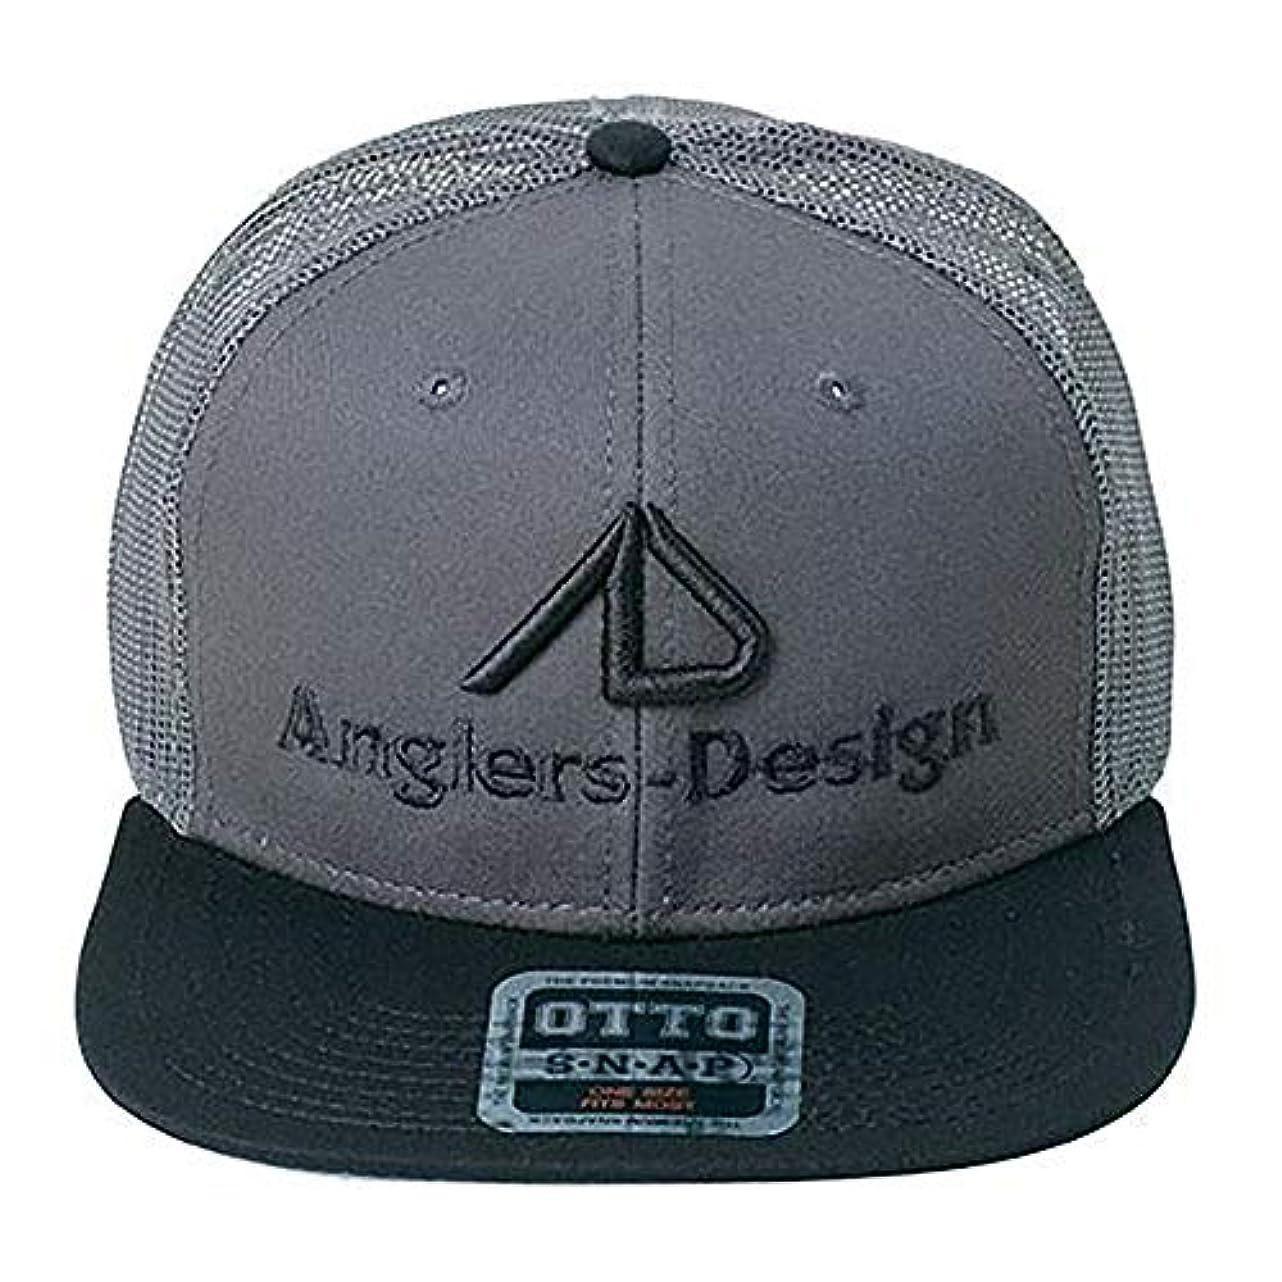 会うくまスロベニアアングラーズデザイン(Anglers Design) ADC-16 フラットバイザーメッシュキャップ ブラックグレー ADC-16 ブラックグレー